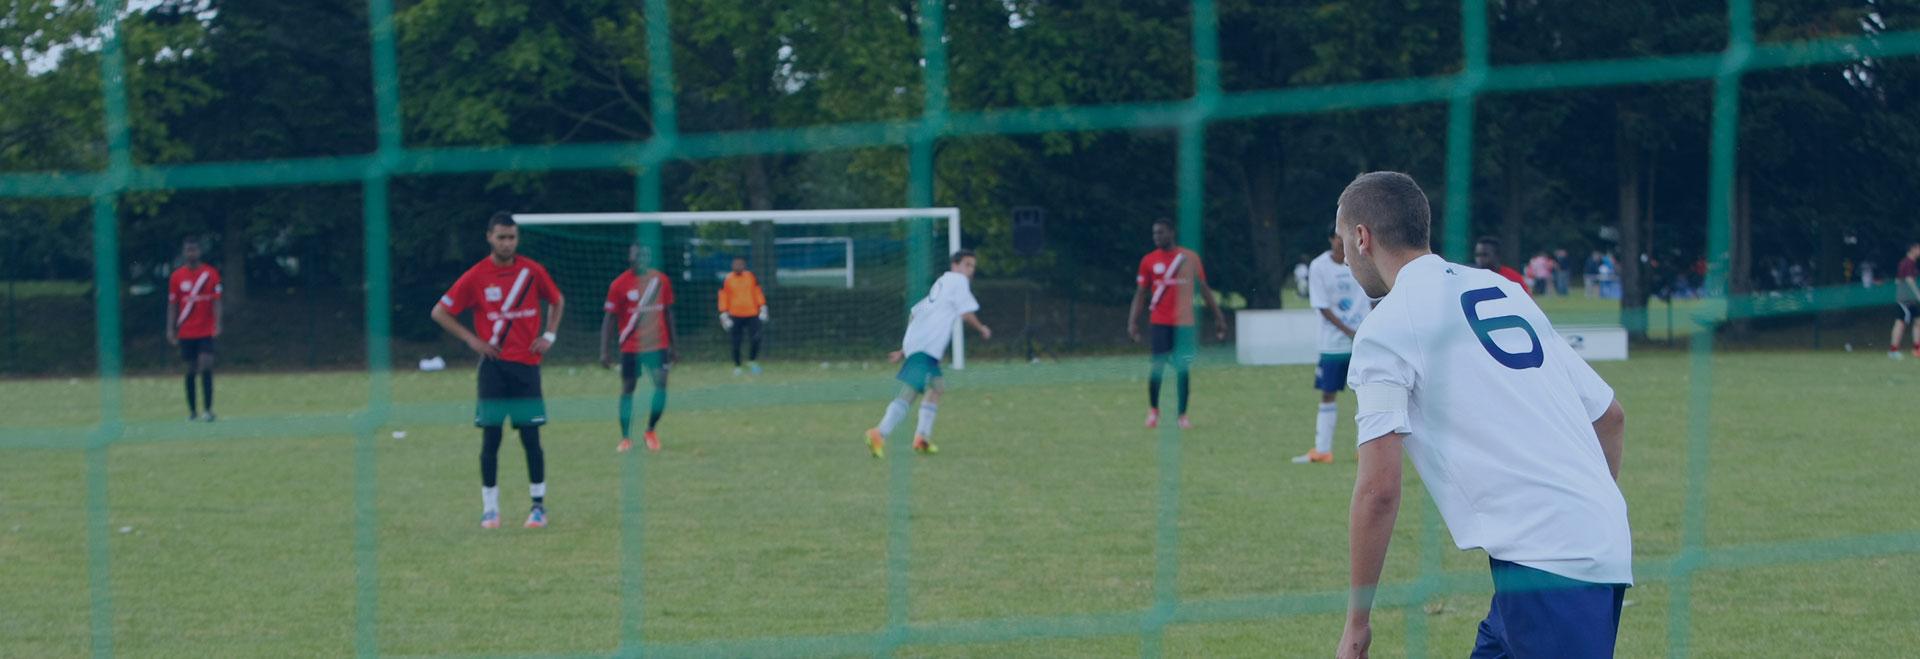 Foot Handicap Ligue du Sport Adapté Auvergne Rhône-Alpes